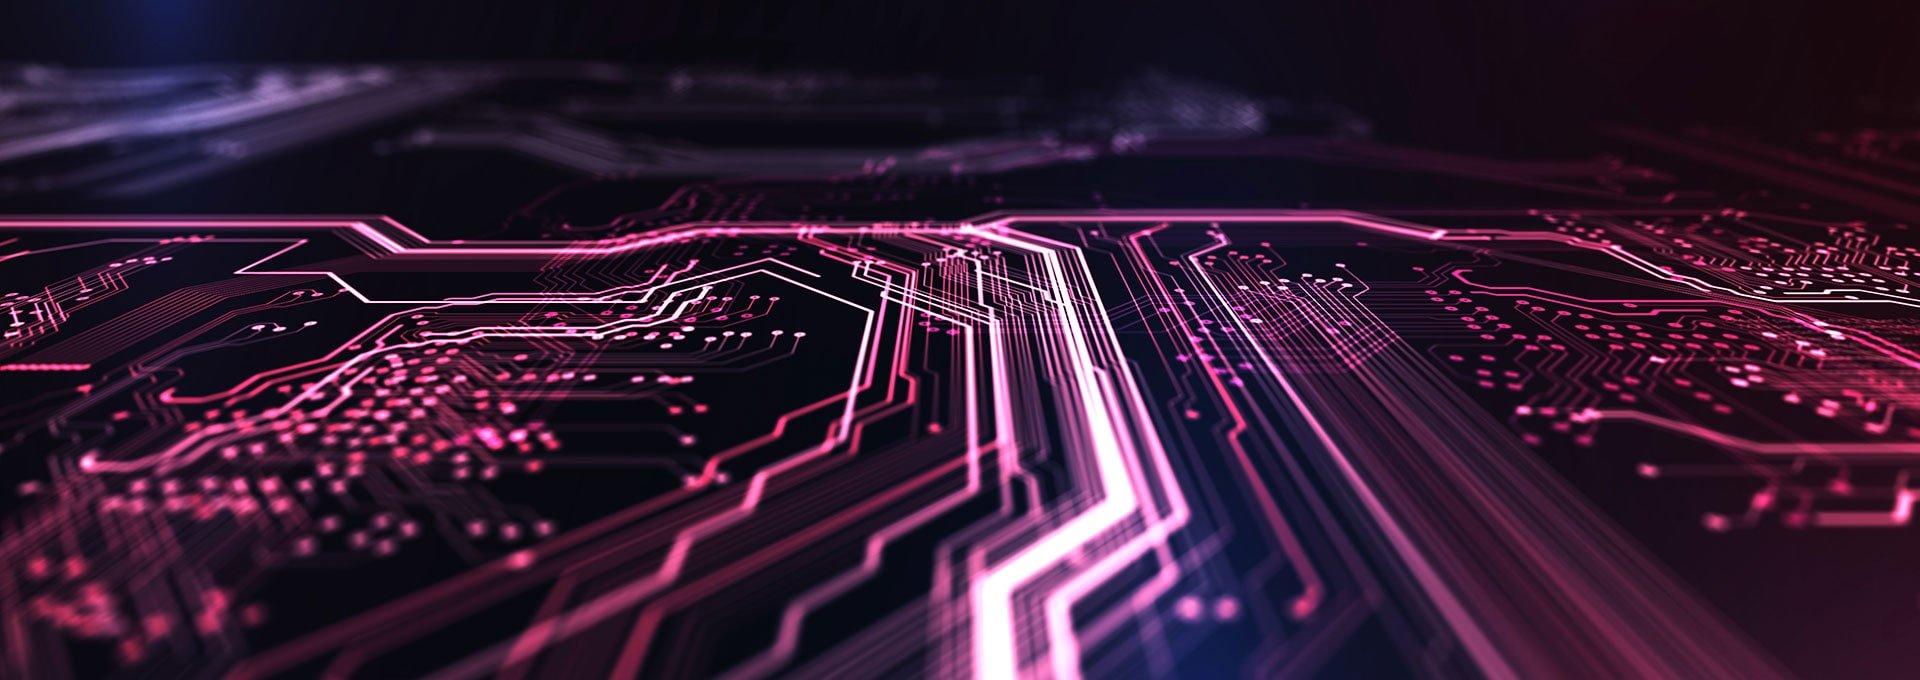 Ciemnoczerwone i niebieskie tło technologii z płytką drukowaną, kodem i mocną białą linią pośrodku. Ilustracja 3D.